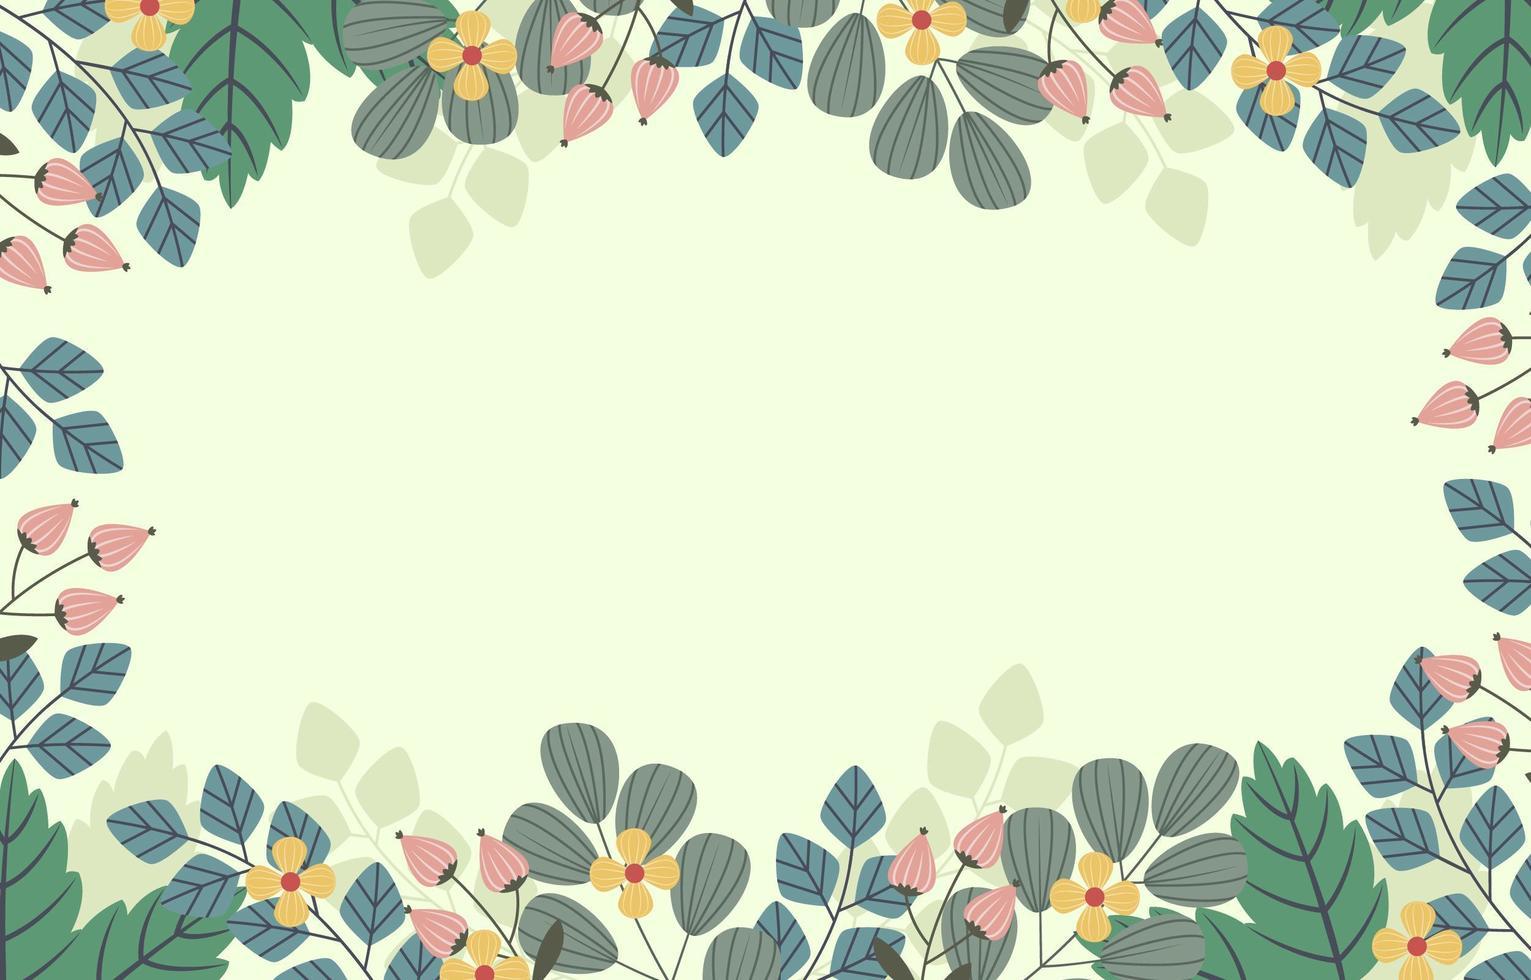 schöne Blumenrahmen vektor